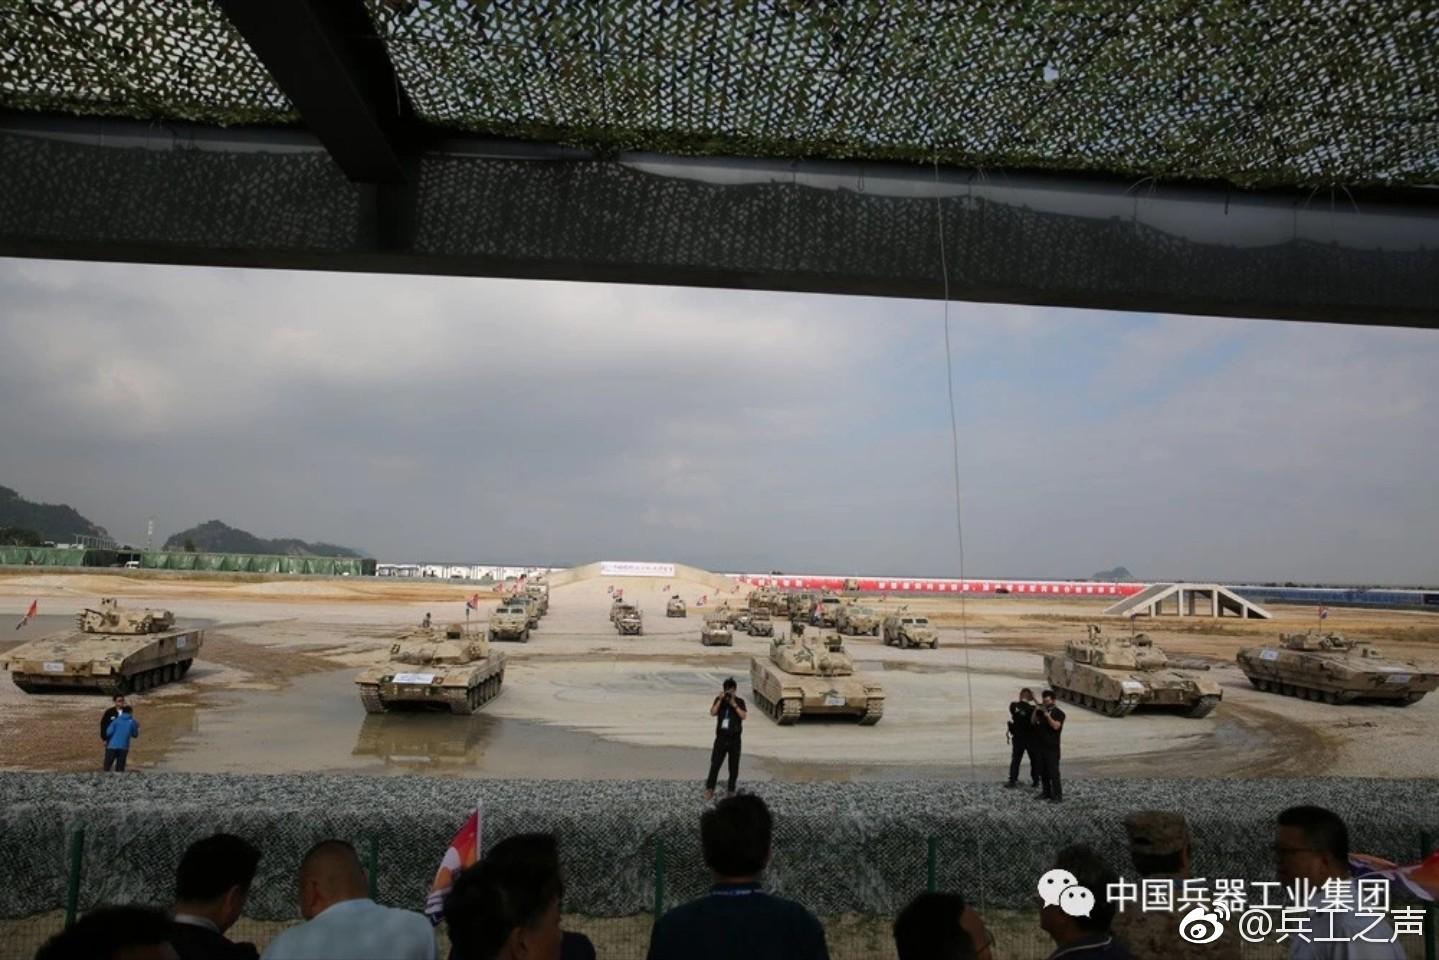 Чжухай-2018: динамический показ бронетанковой техники в режиме подготовки